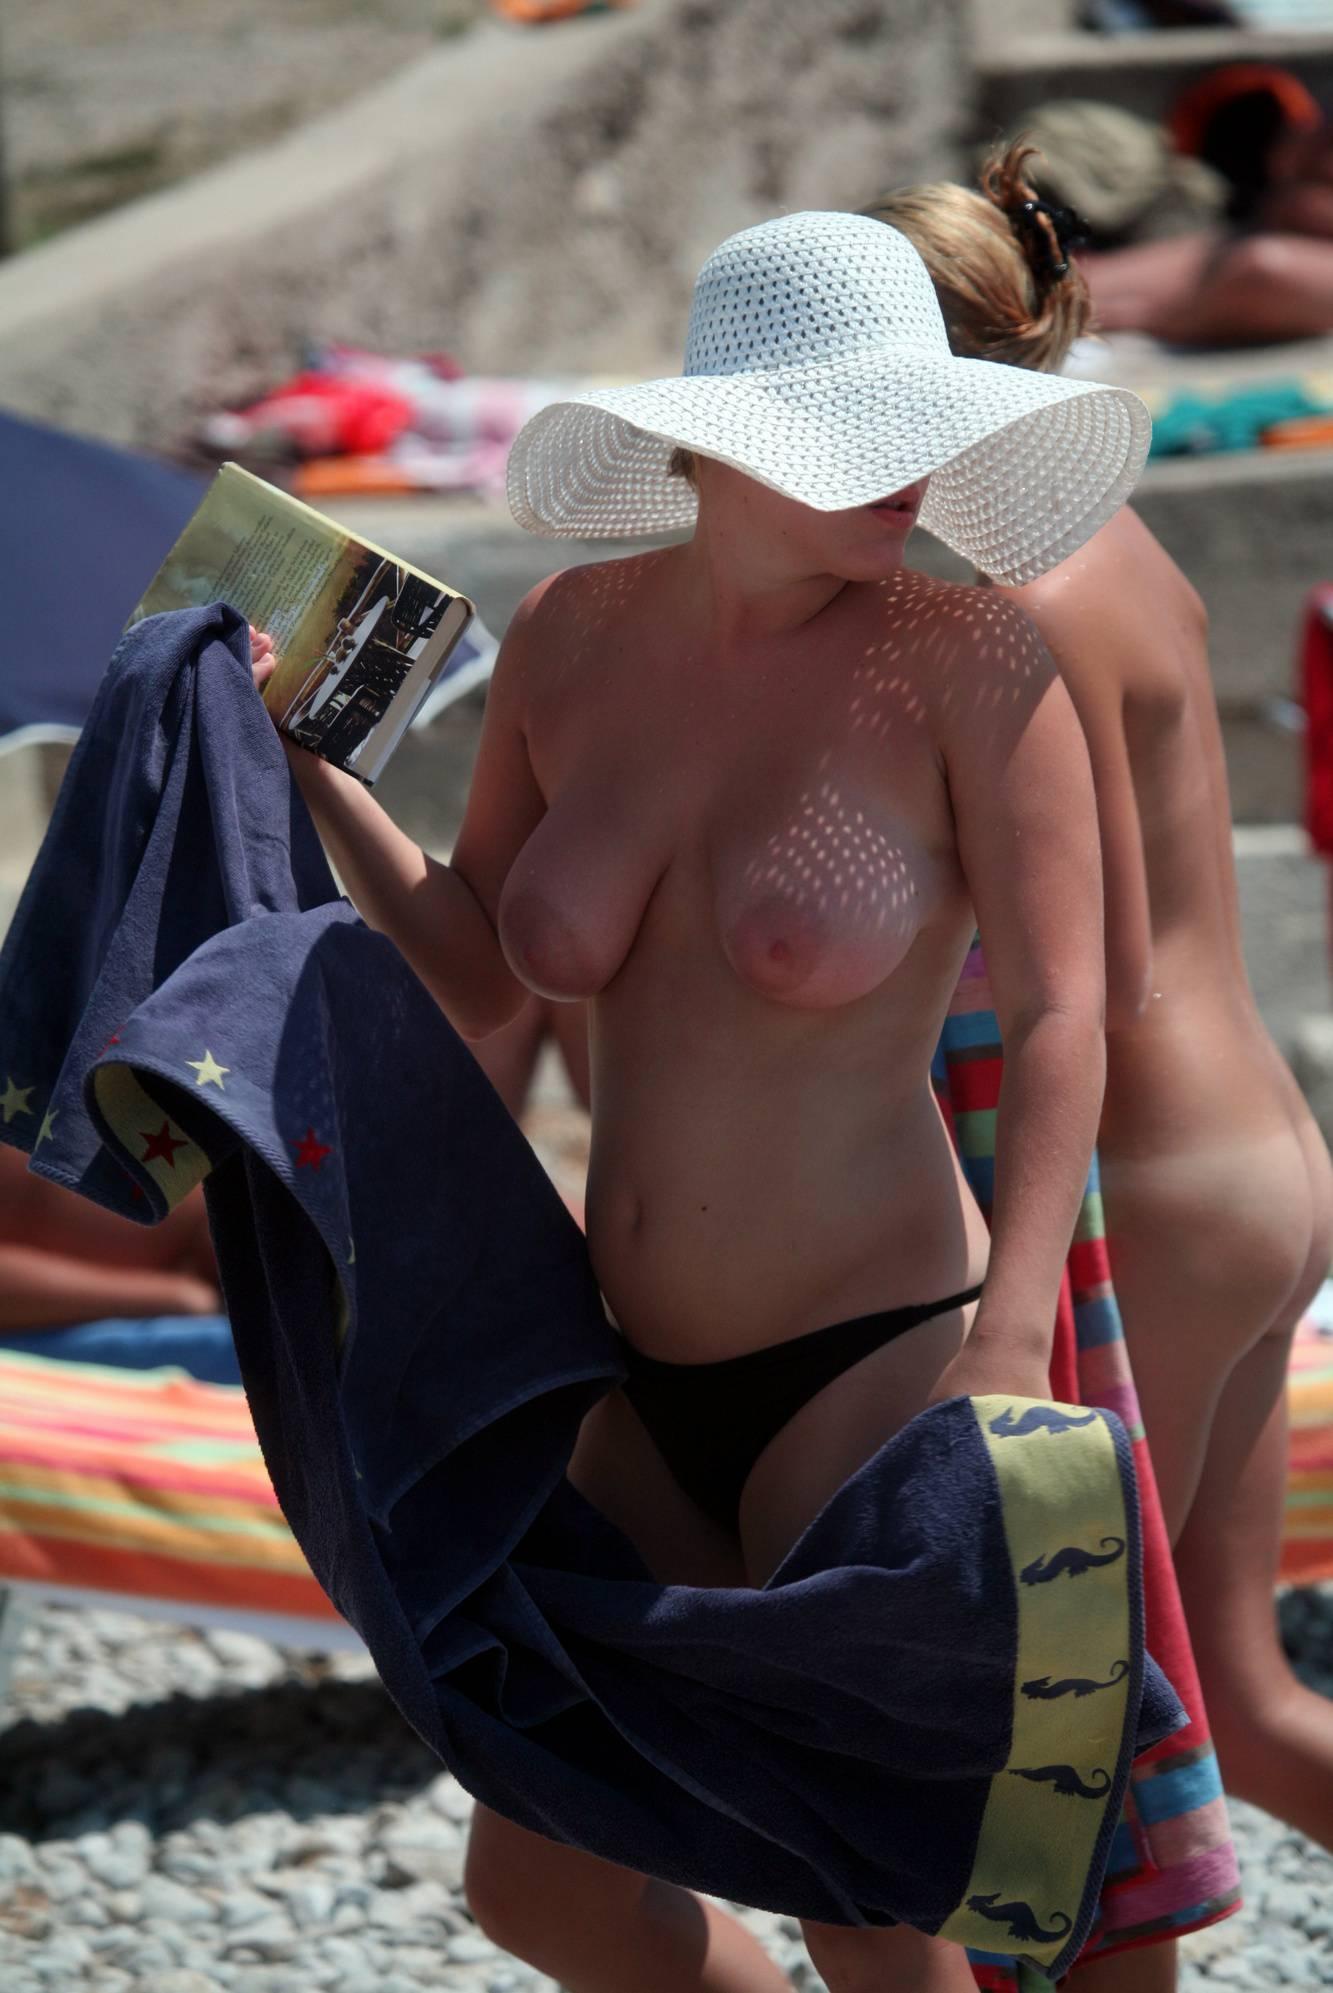 Nudist Pics Trail of Two Naturist Girls - 2